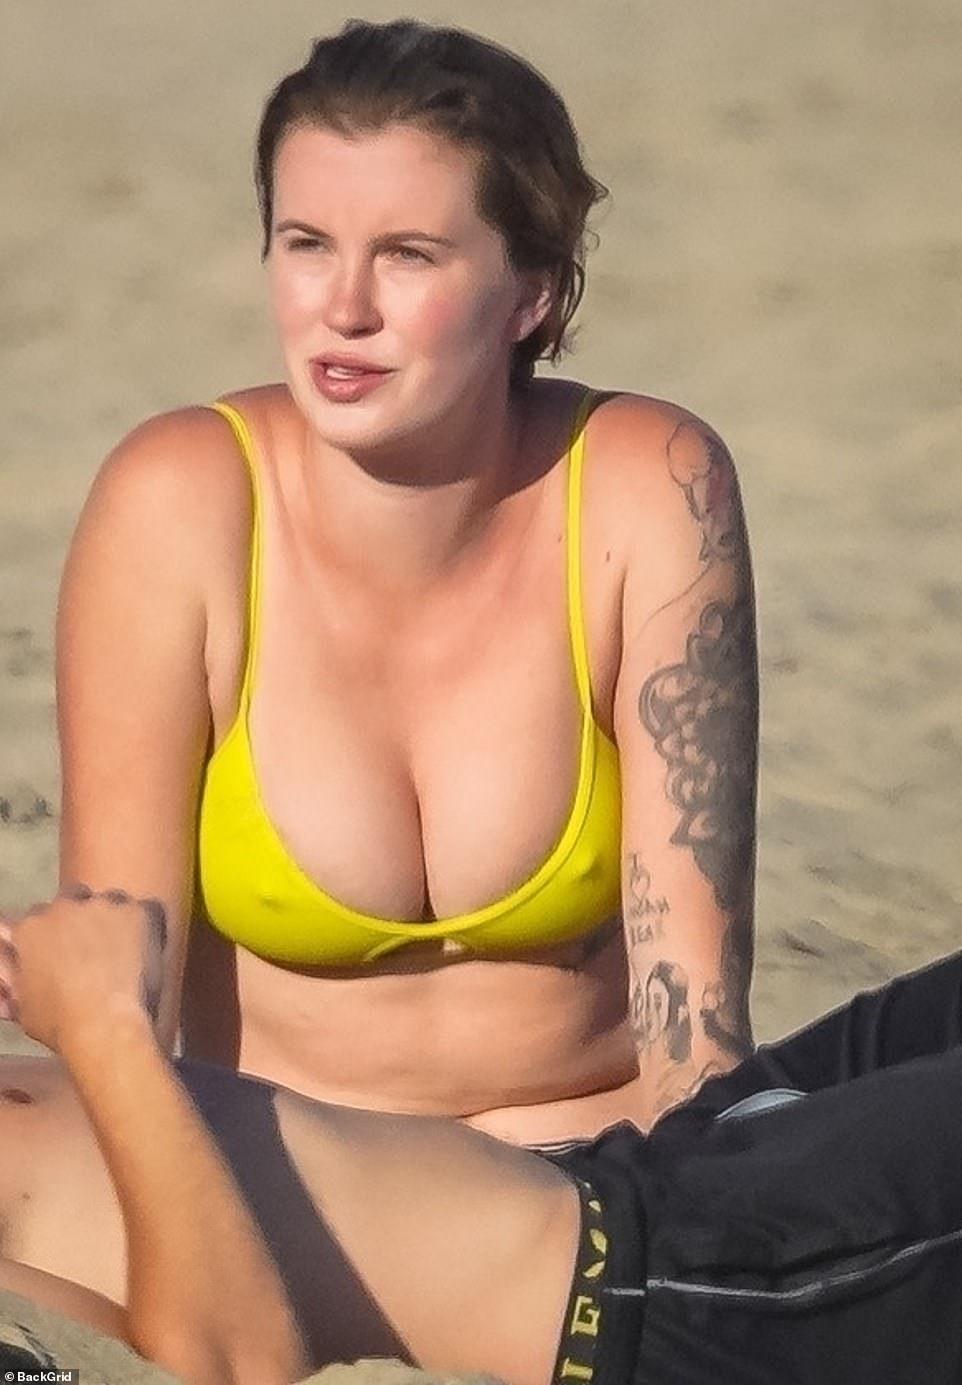 Ireland Baldwin Bikini Body: On Display in First Photo